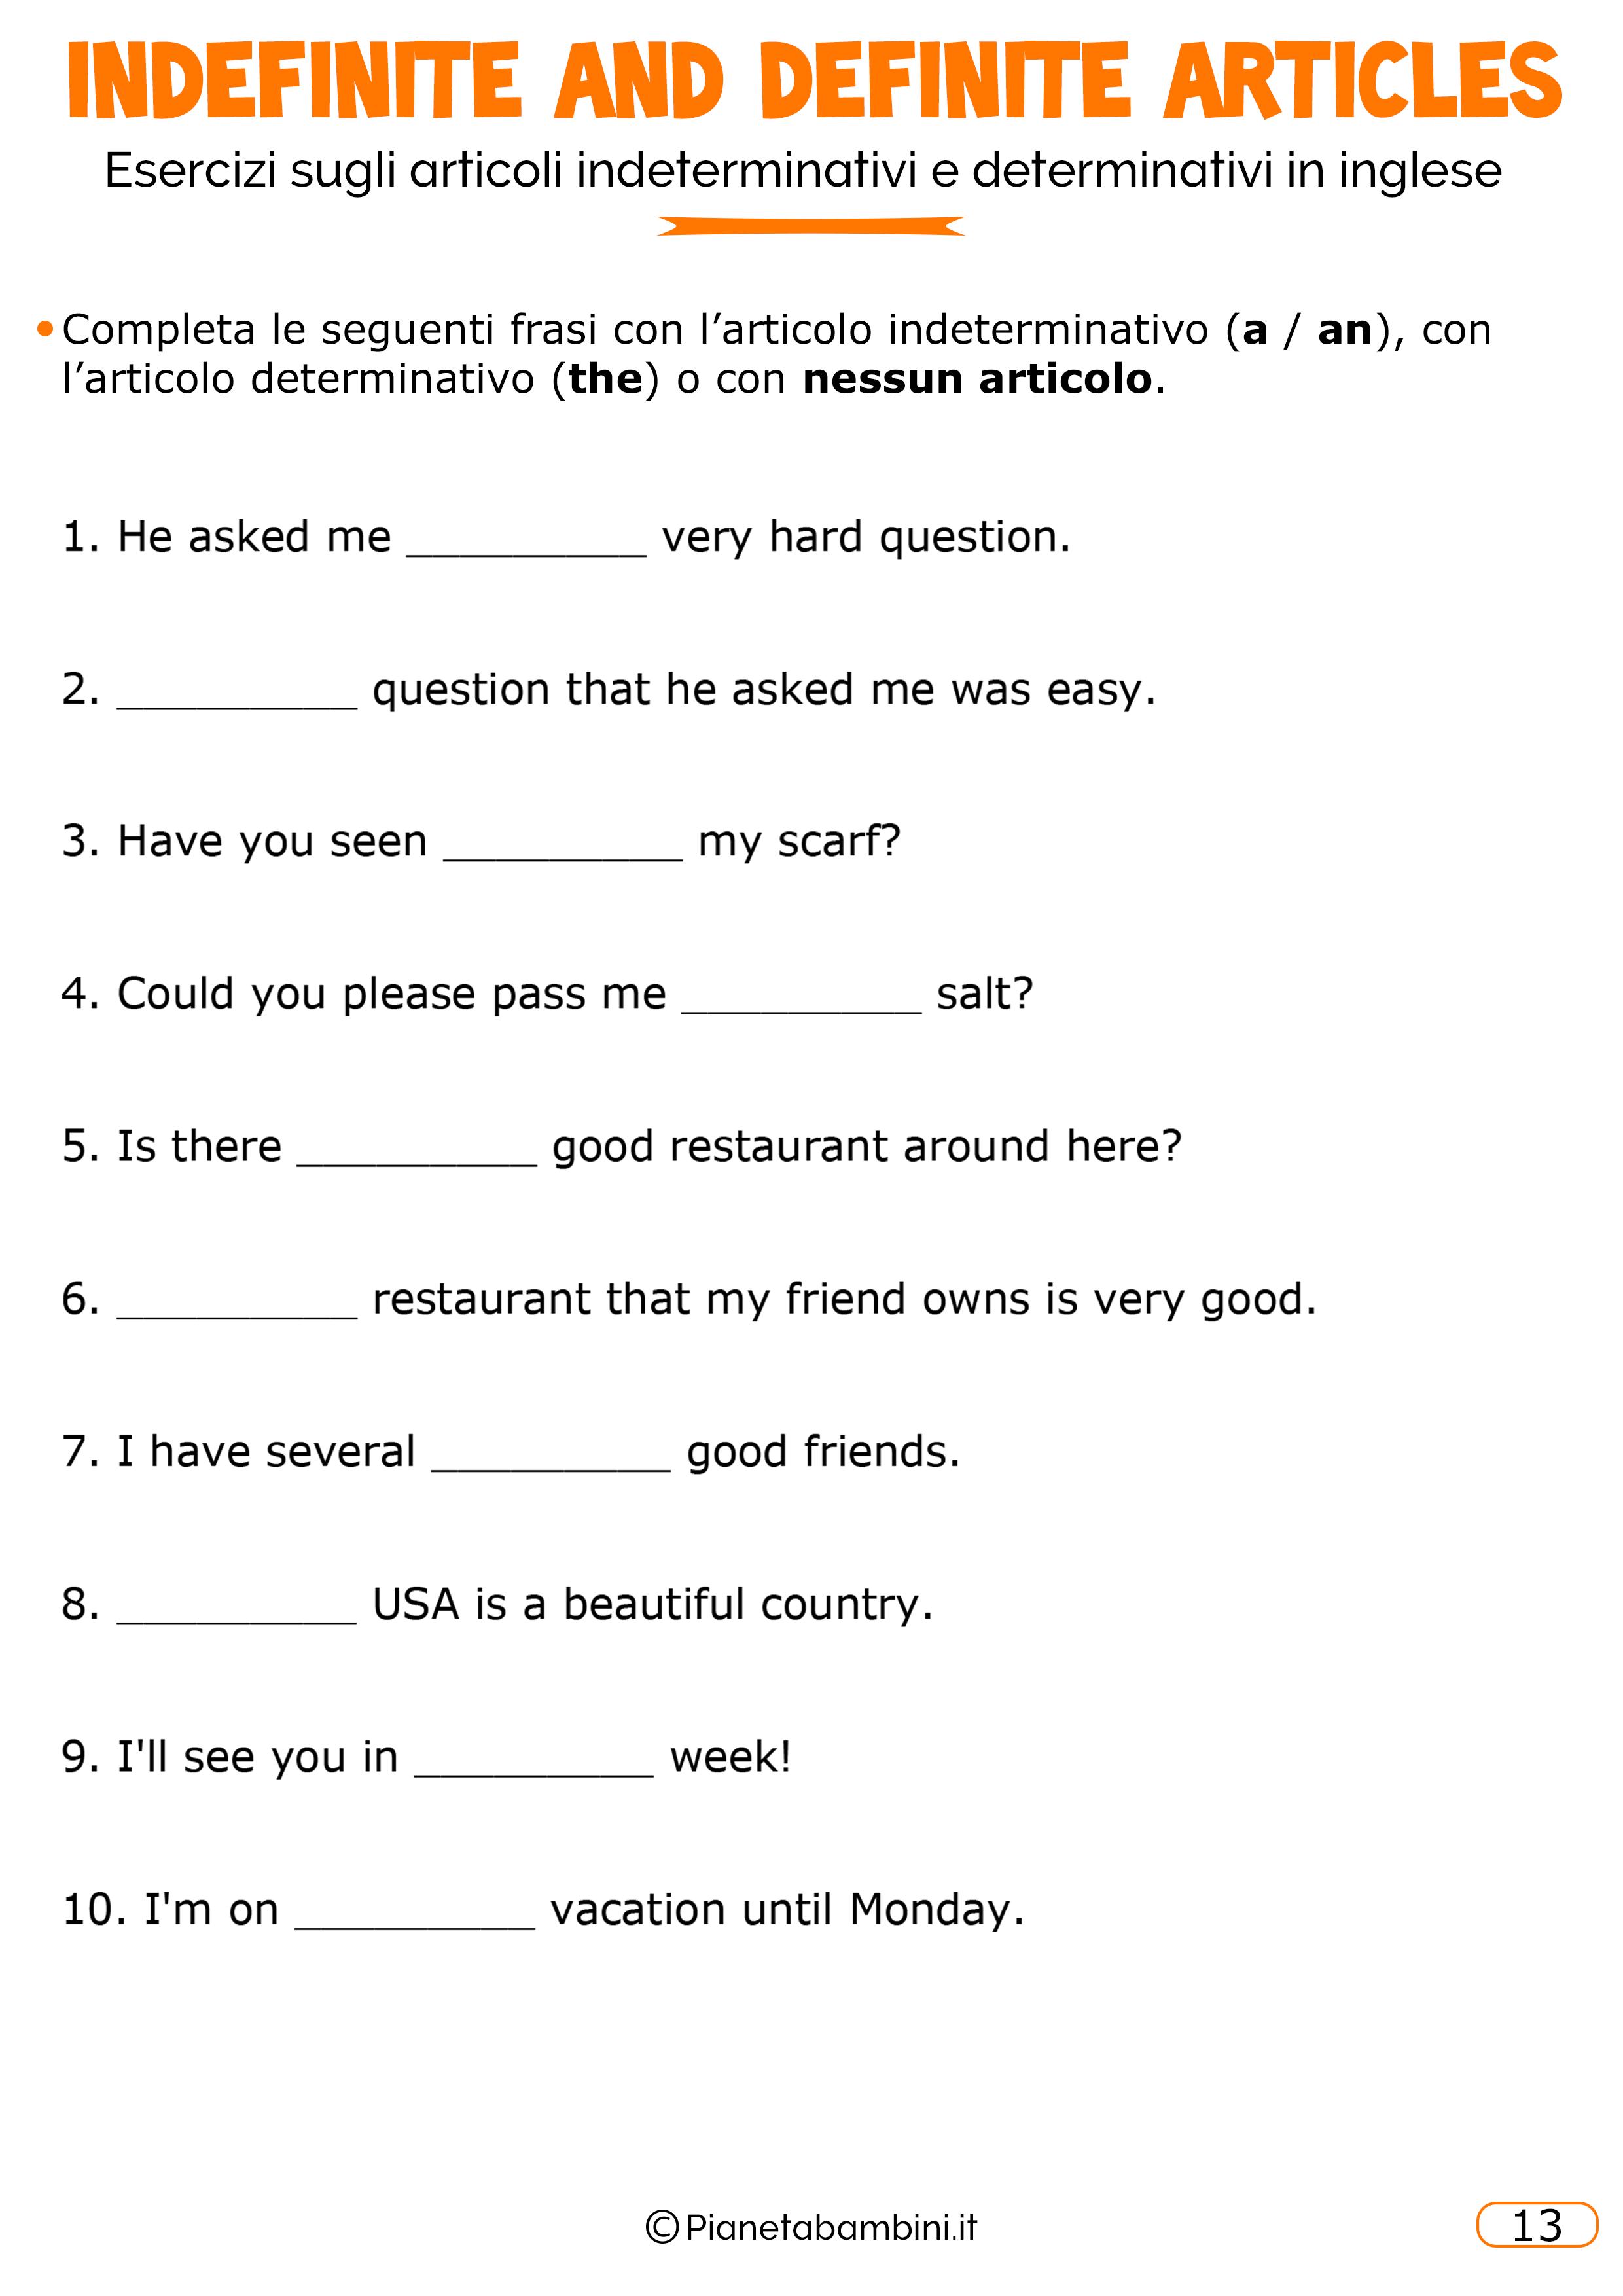 Esercizi-Articoli-Inglese-13